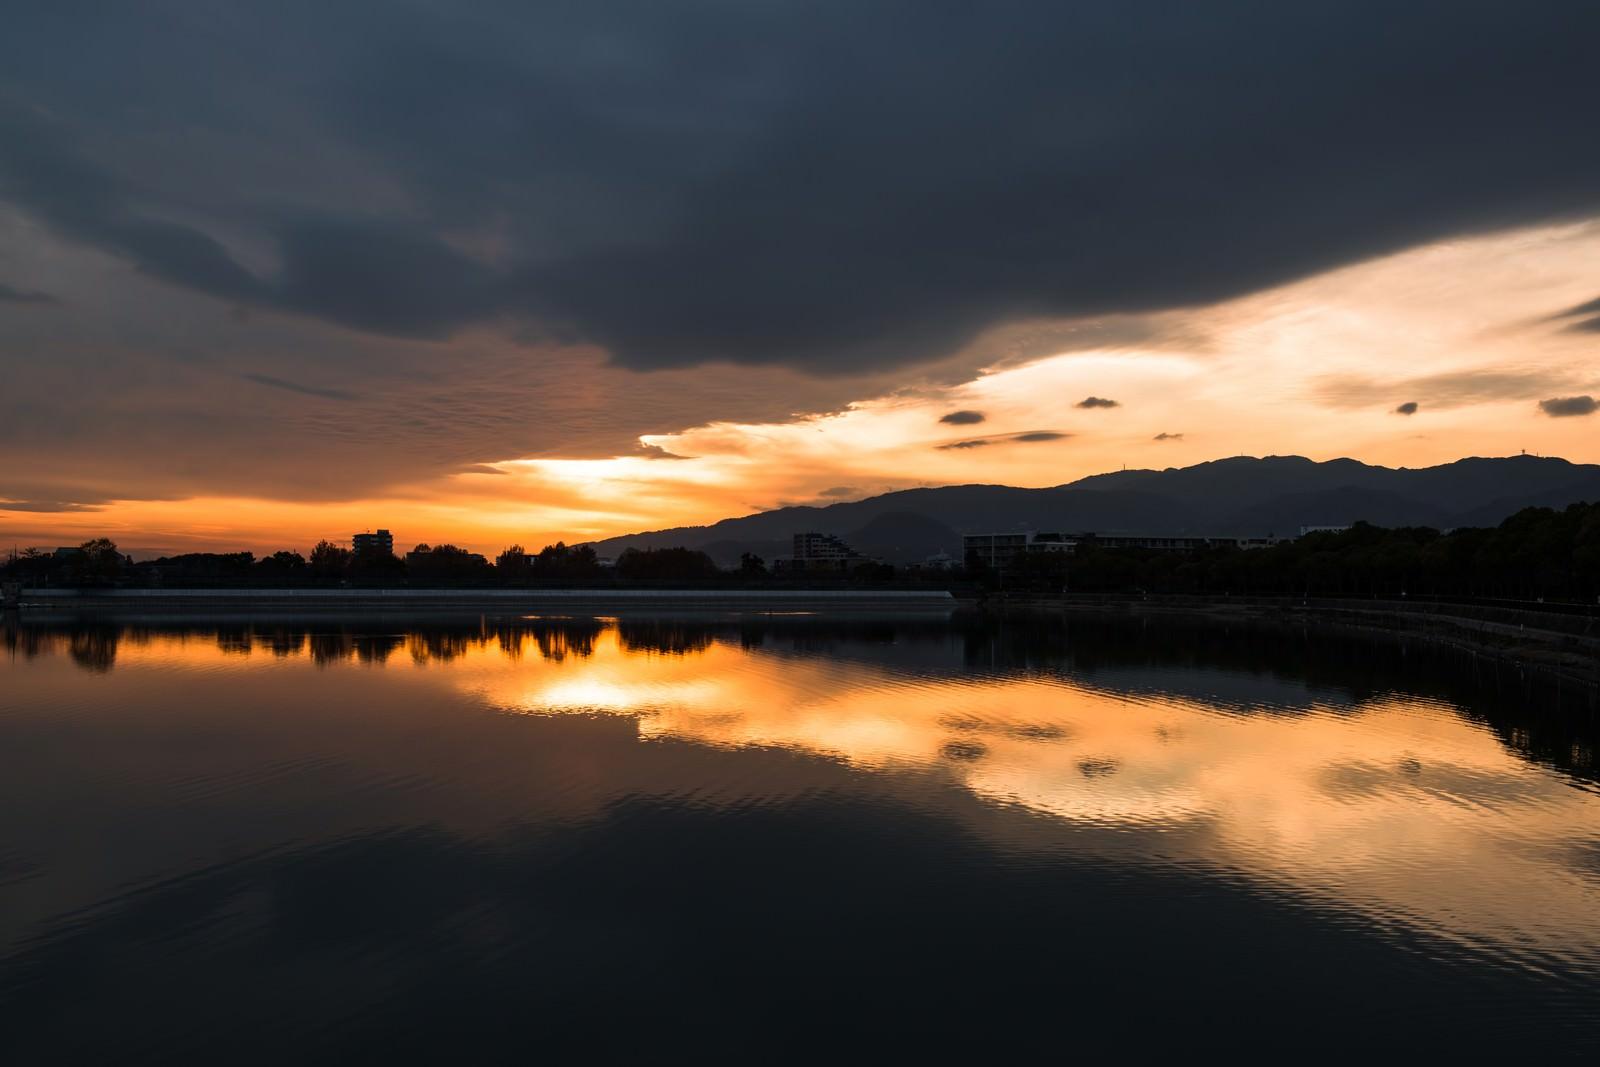 「夕焼けと反射する水面」の写真